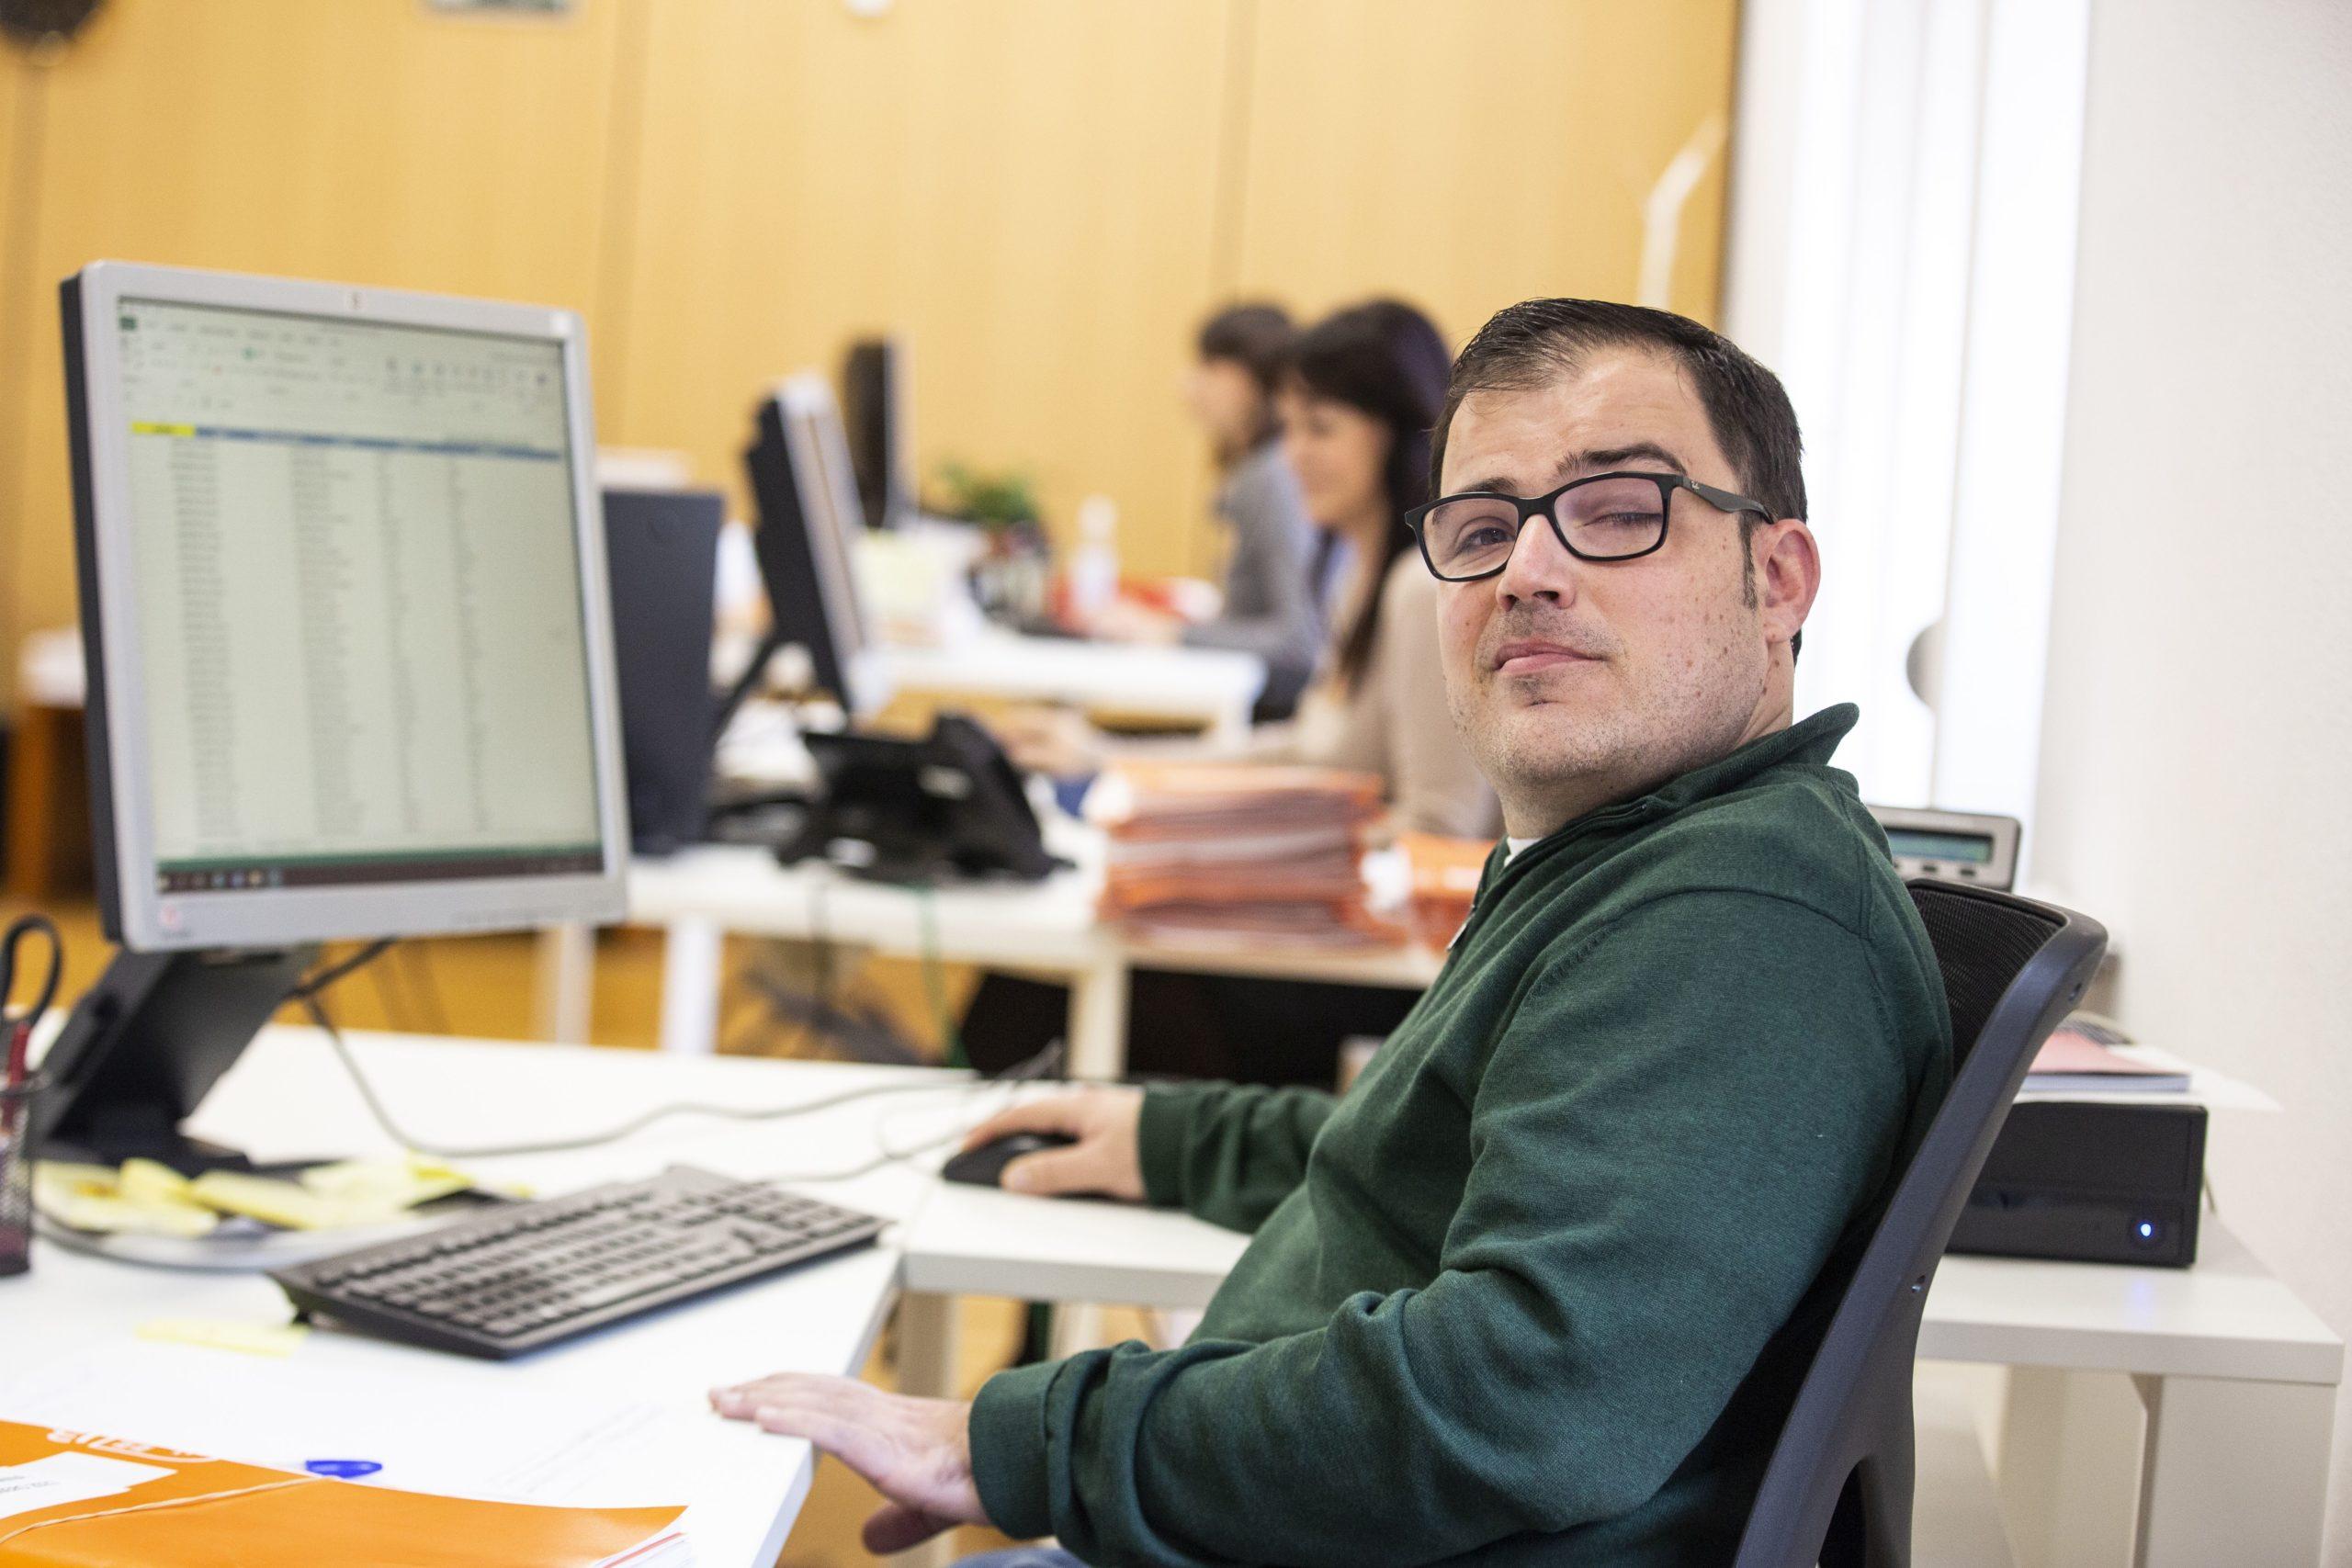 Ir a : Descarga la guía en lectura fácil de la convocatoria de empleo público para personas con discapacidad intelectual